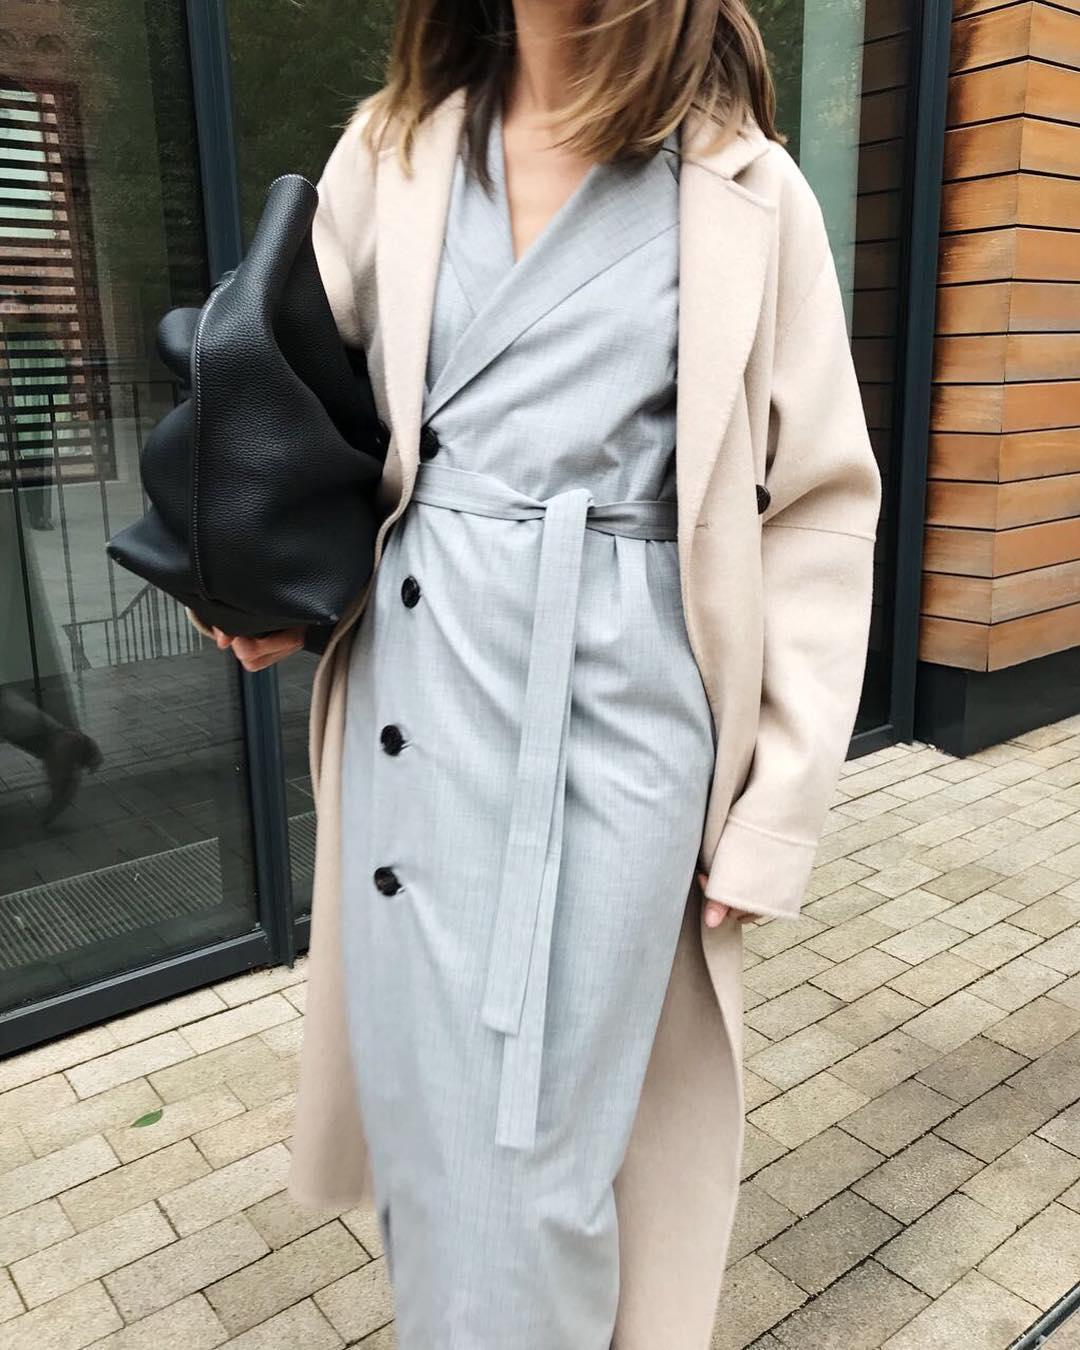 Модные образы для деловых женщин осень-зима 2018-2019 фото 2